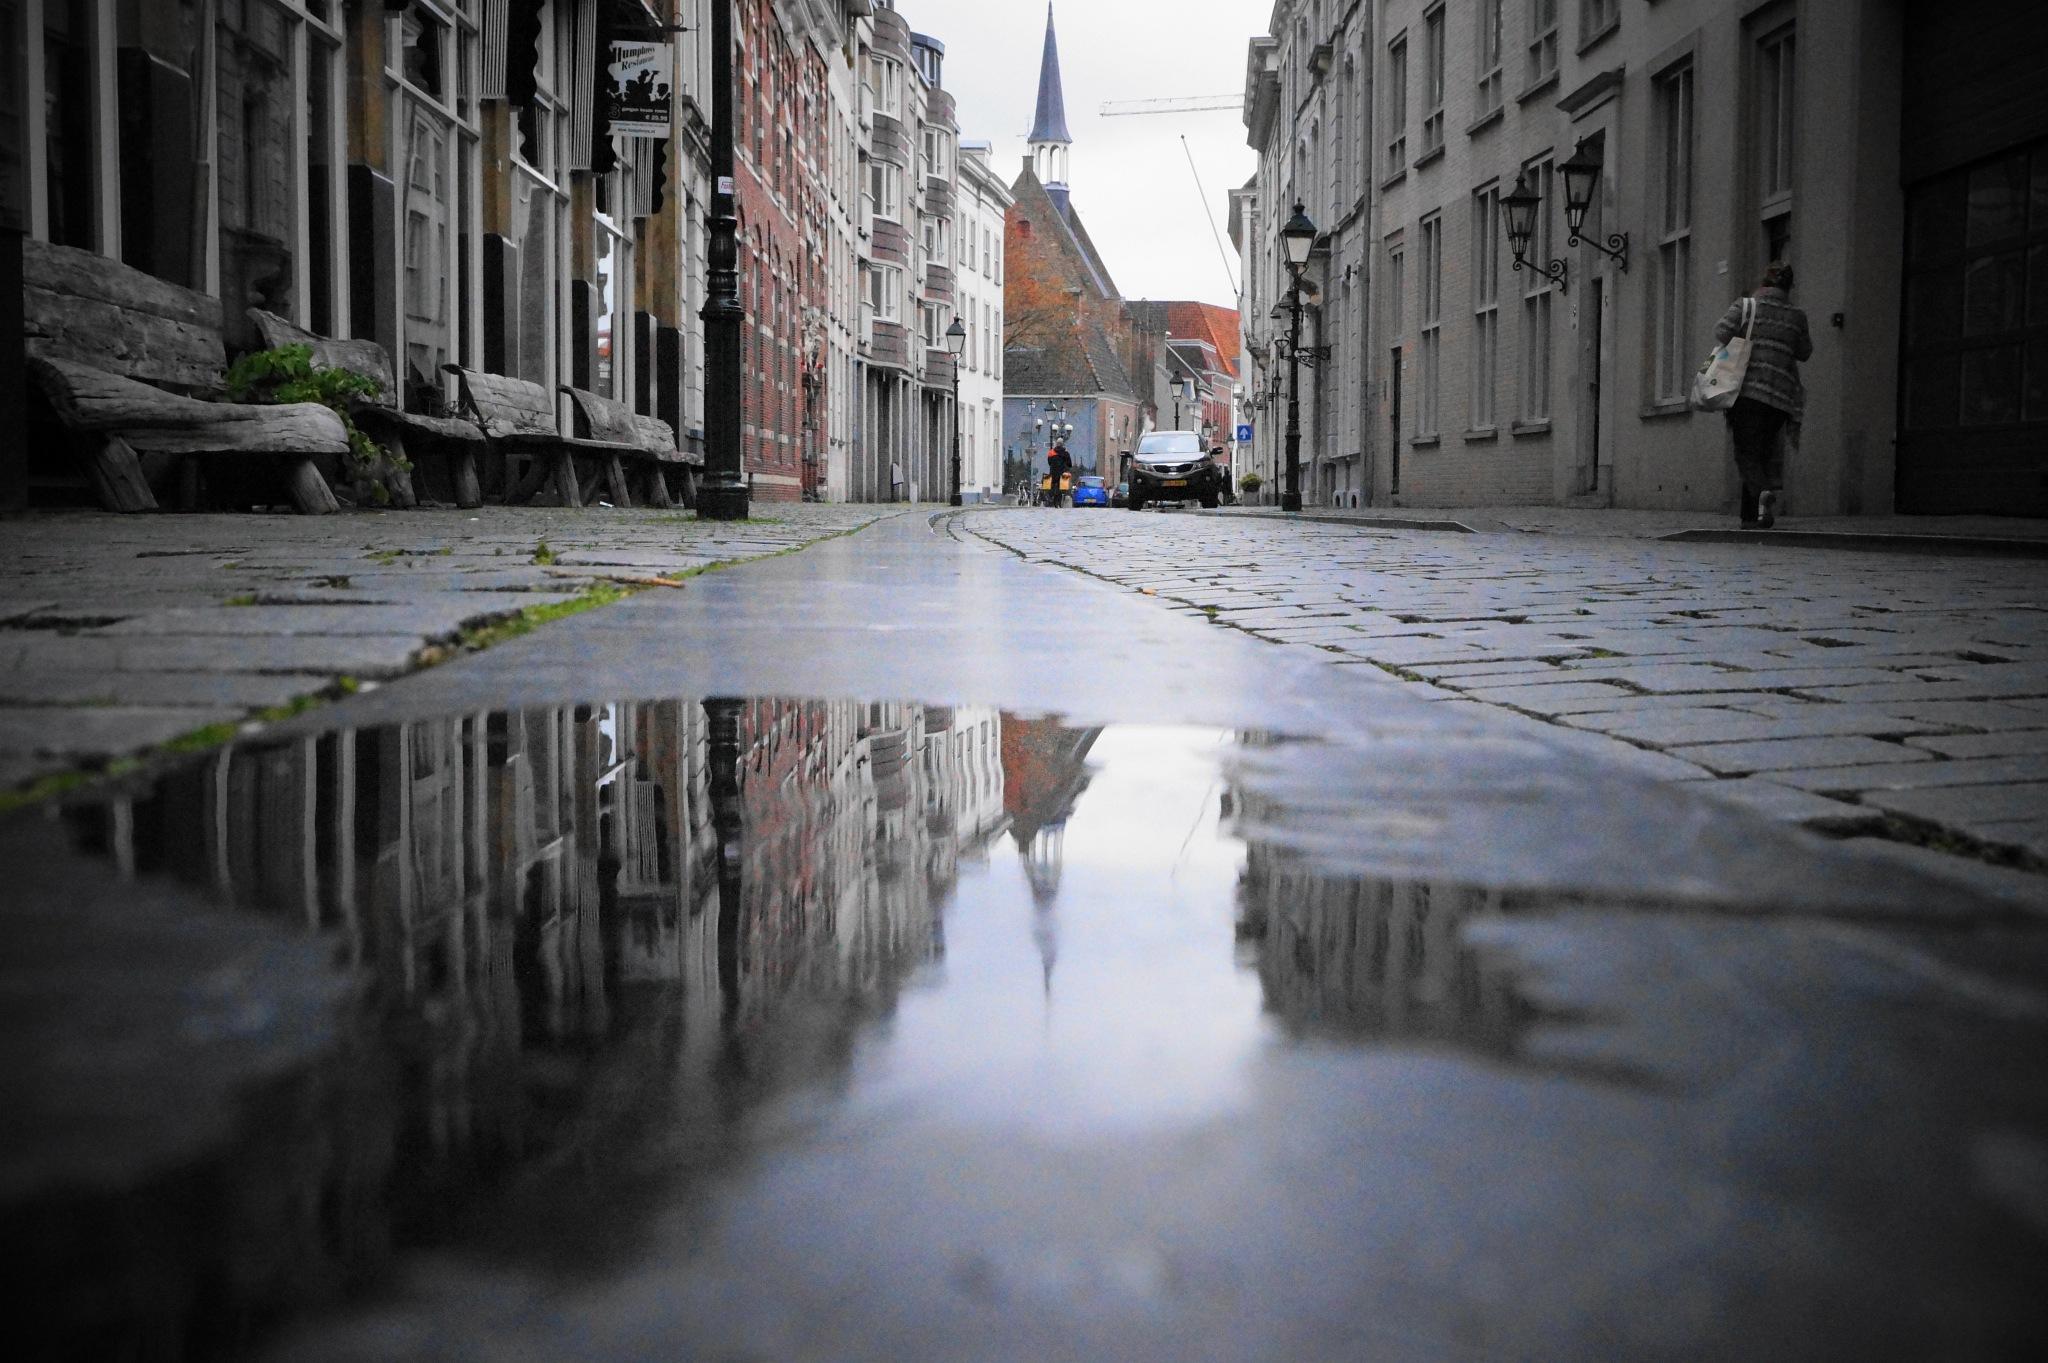 Reflection by yankeebiscuitfan